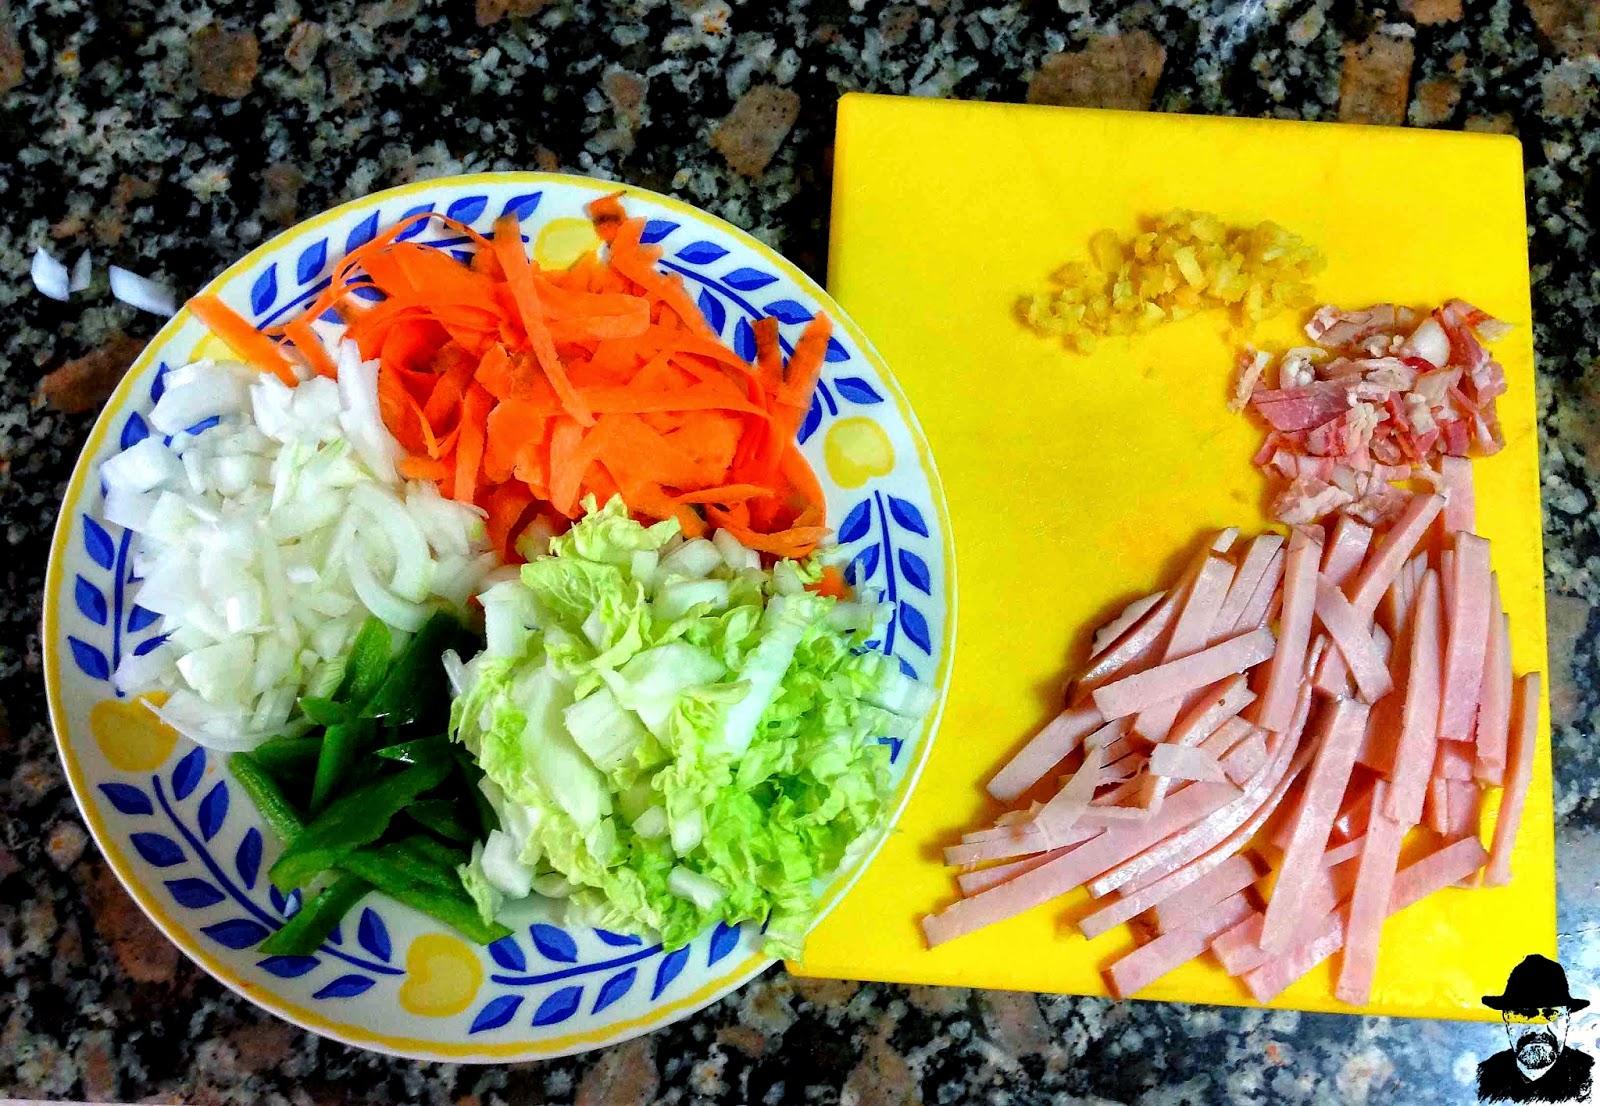 Cocinando en mi casa abril 2014 for Cocinando en mi casa